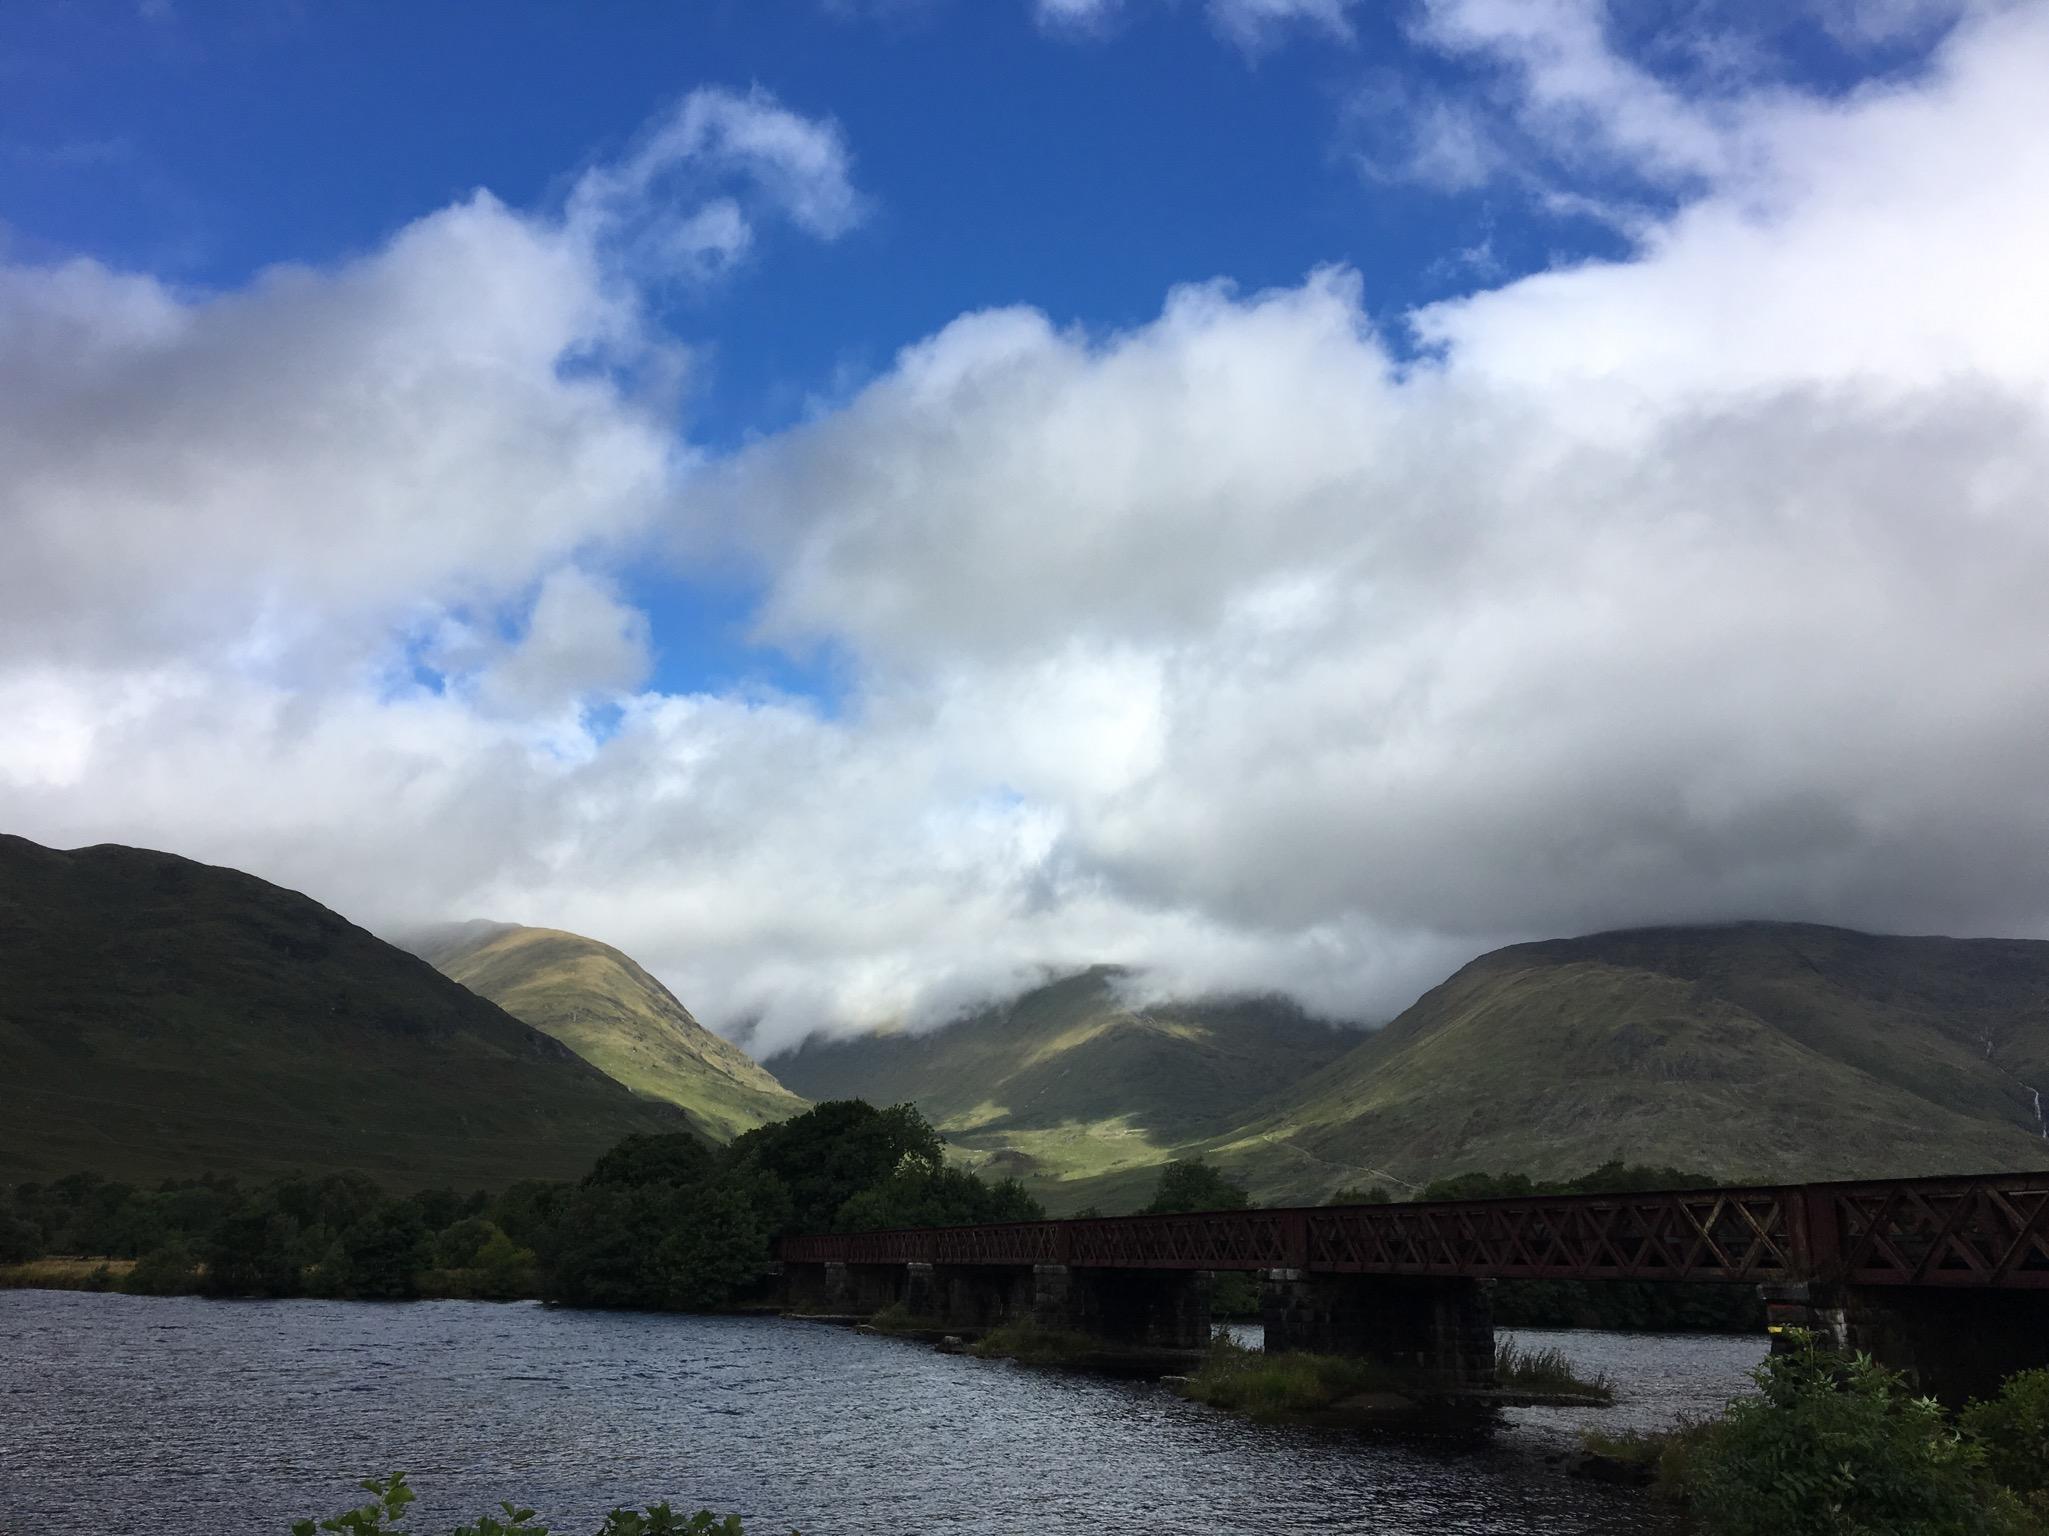 Scottish Highlands (August, 2016)